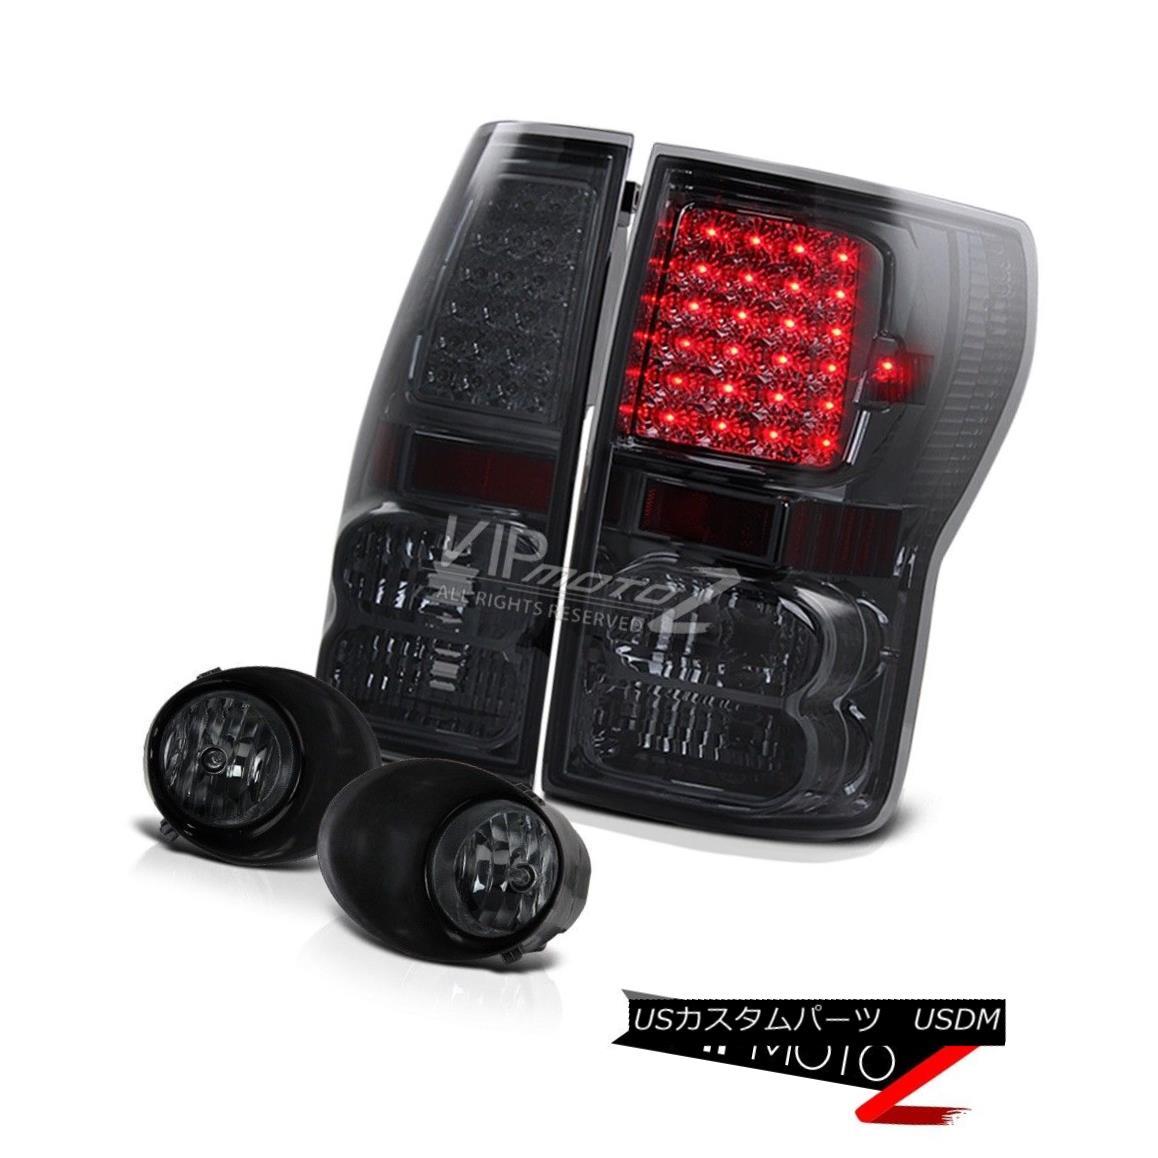 テールライト Toyota 07-2013 Tundra Smoke L+R Led Tail Lamp Brake Light+Smoke Bumper Fog Light トヨタ07-2013トンドラスモークL + Rテールランプブレーキライト+スモークバンパーフォグライト